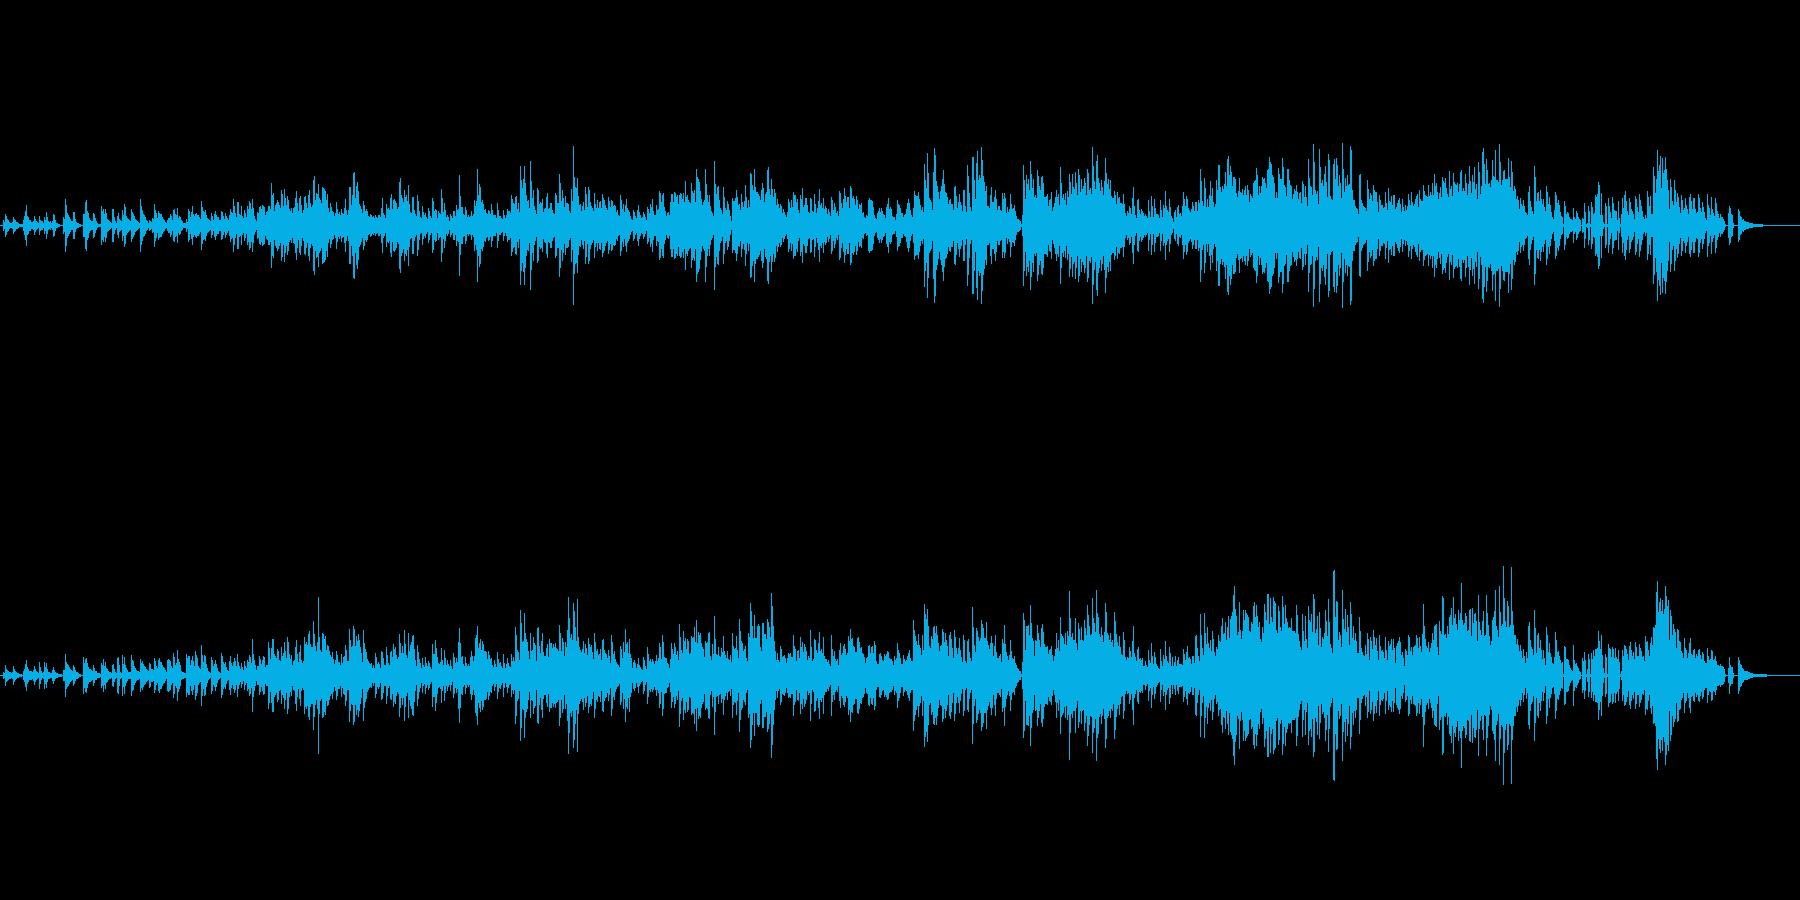 生ピアノソロ・クリスマス曲・ジャズワルツの再生済みの波形